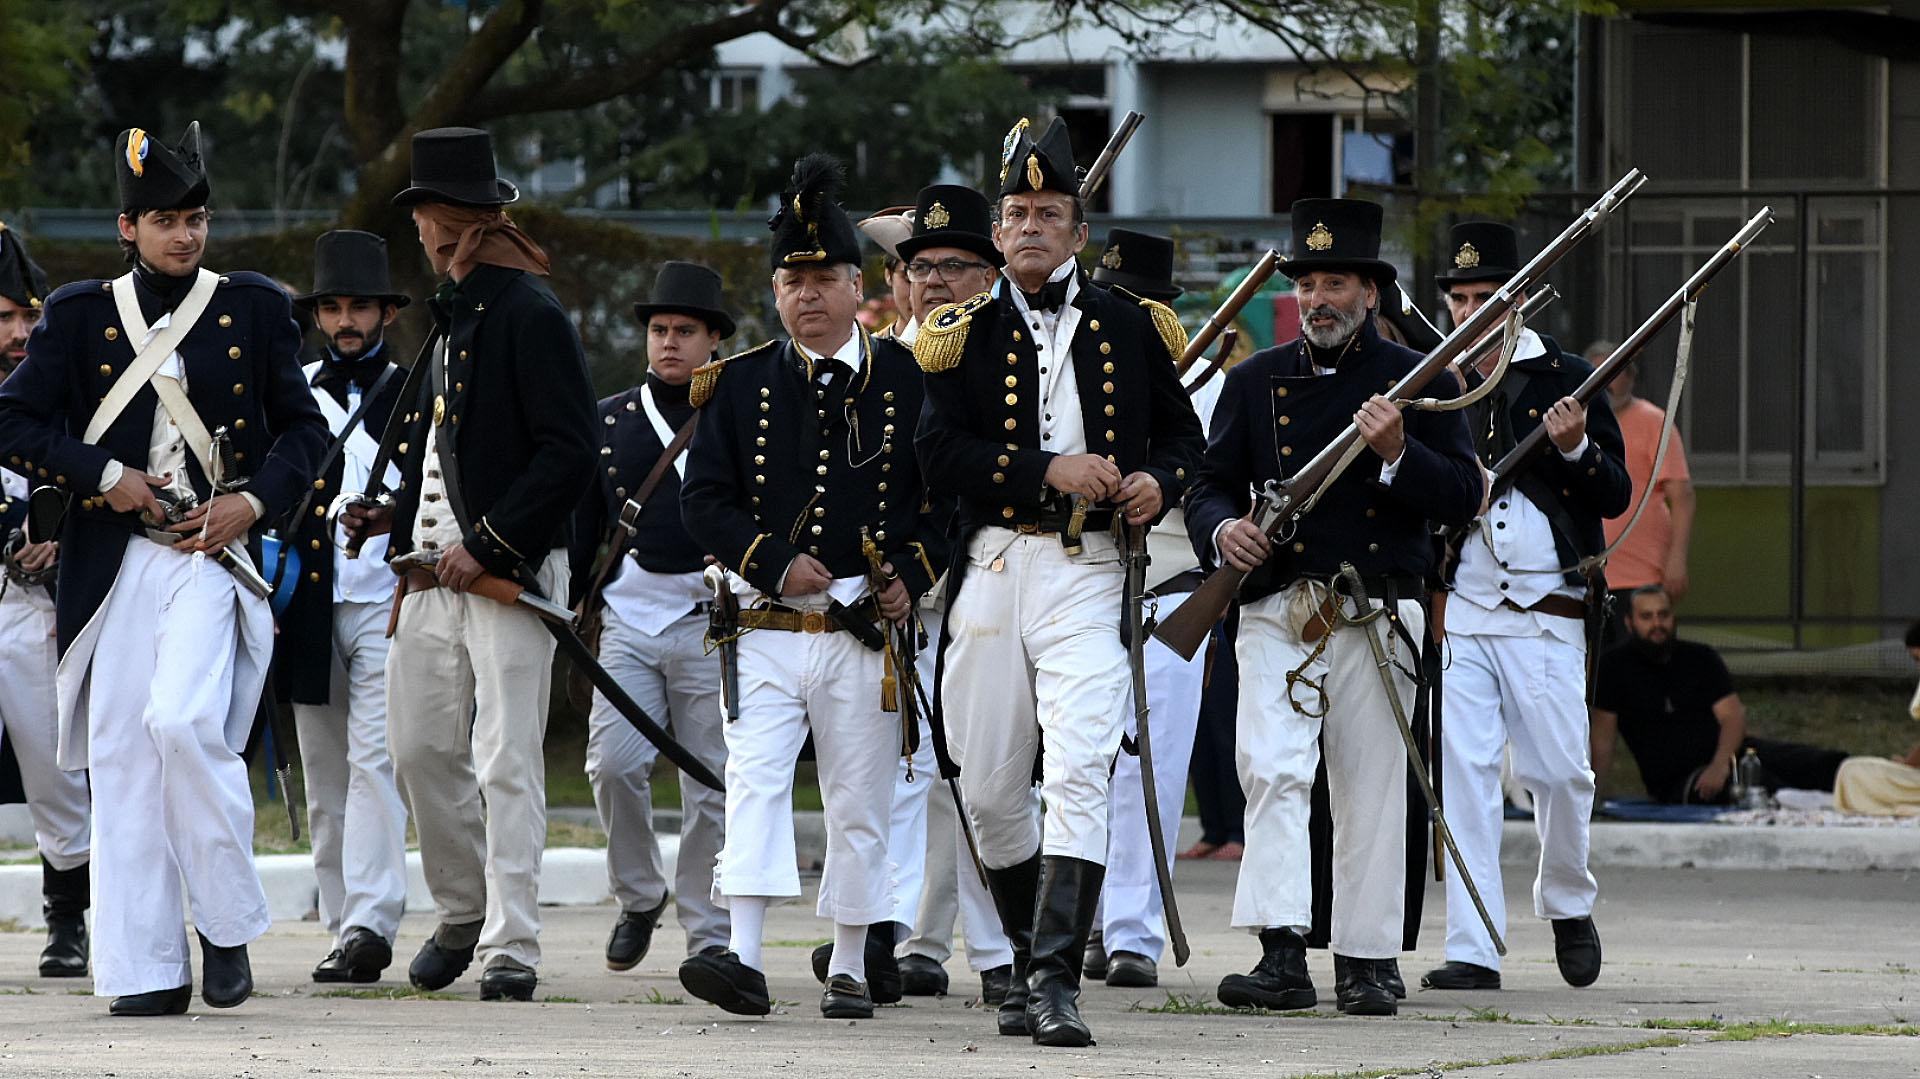 La ACARHi desarrolló la Toma de Monterrey y el Combate de la Isla Martín García, además brindó homenaje a Guillermo Brown, Hipólito Bouchard y Francisco Drummond